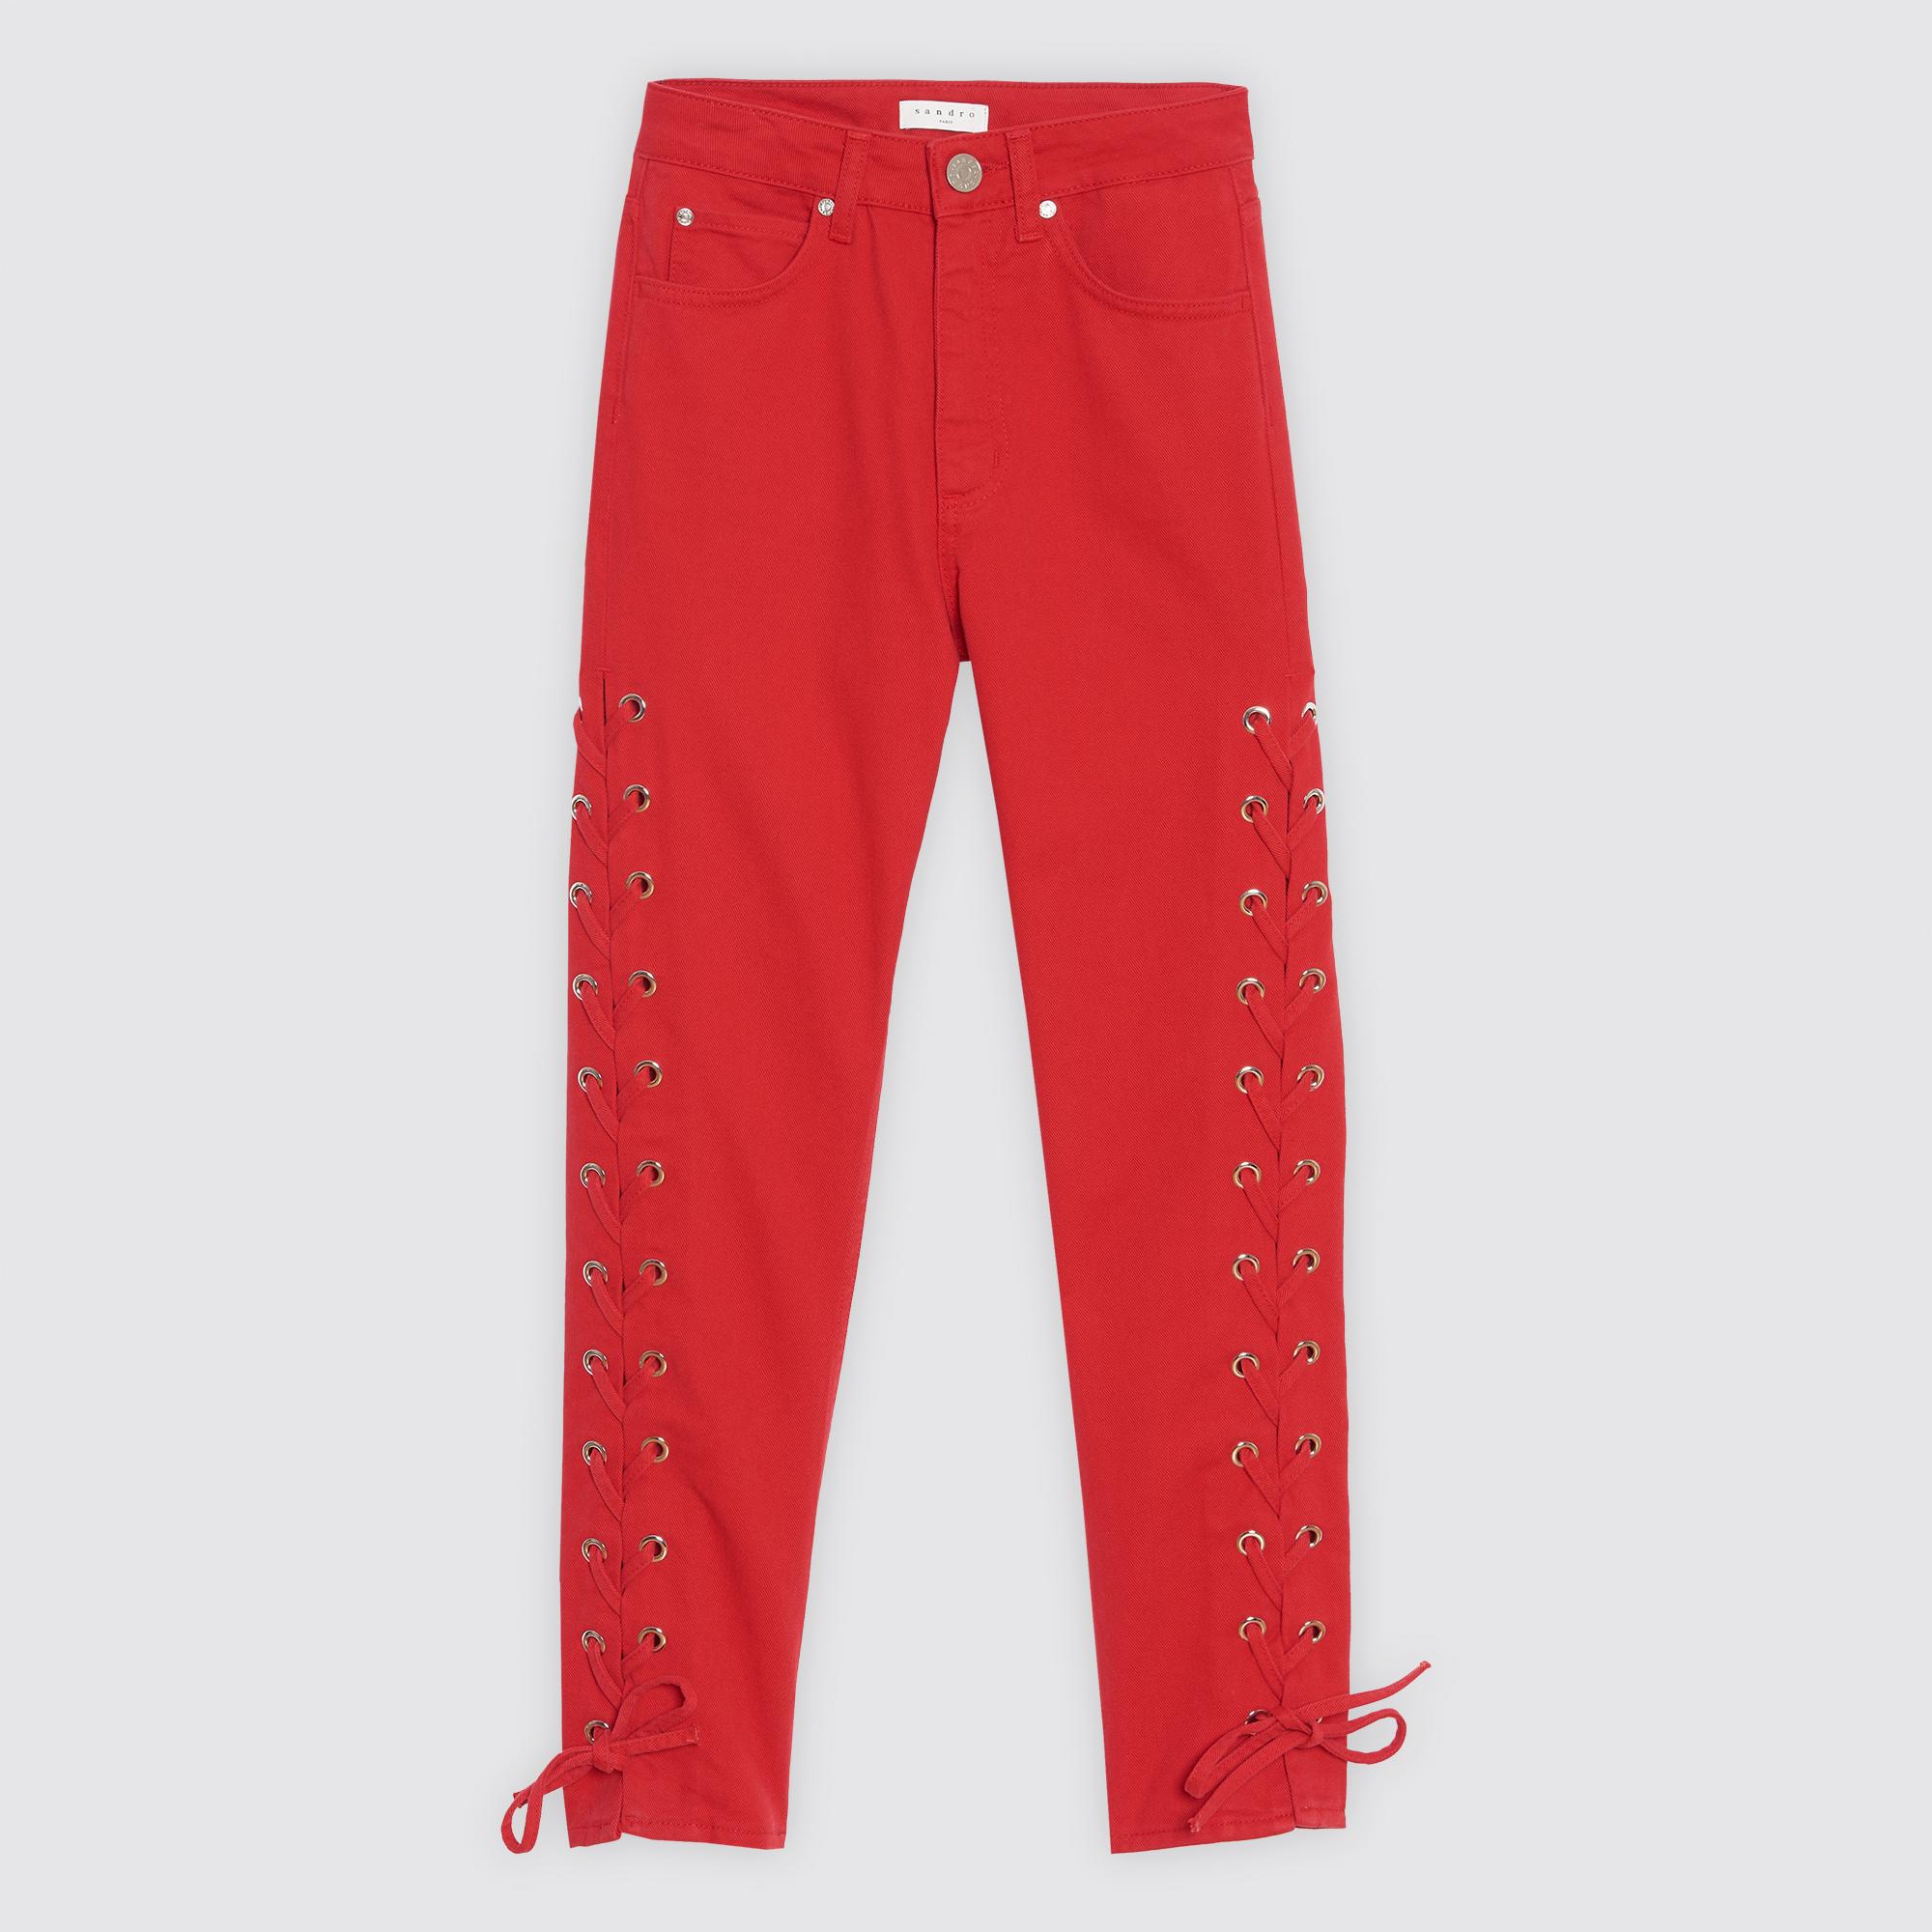 Pantaloni in cotone con lacci : Collezione Estiva colore Rosso Ciliegia